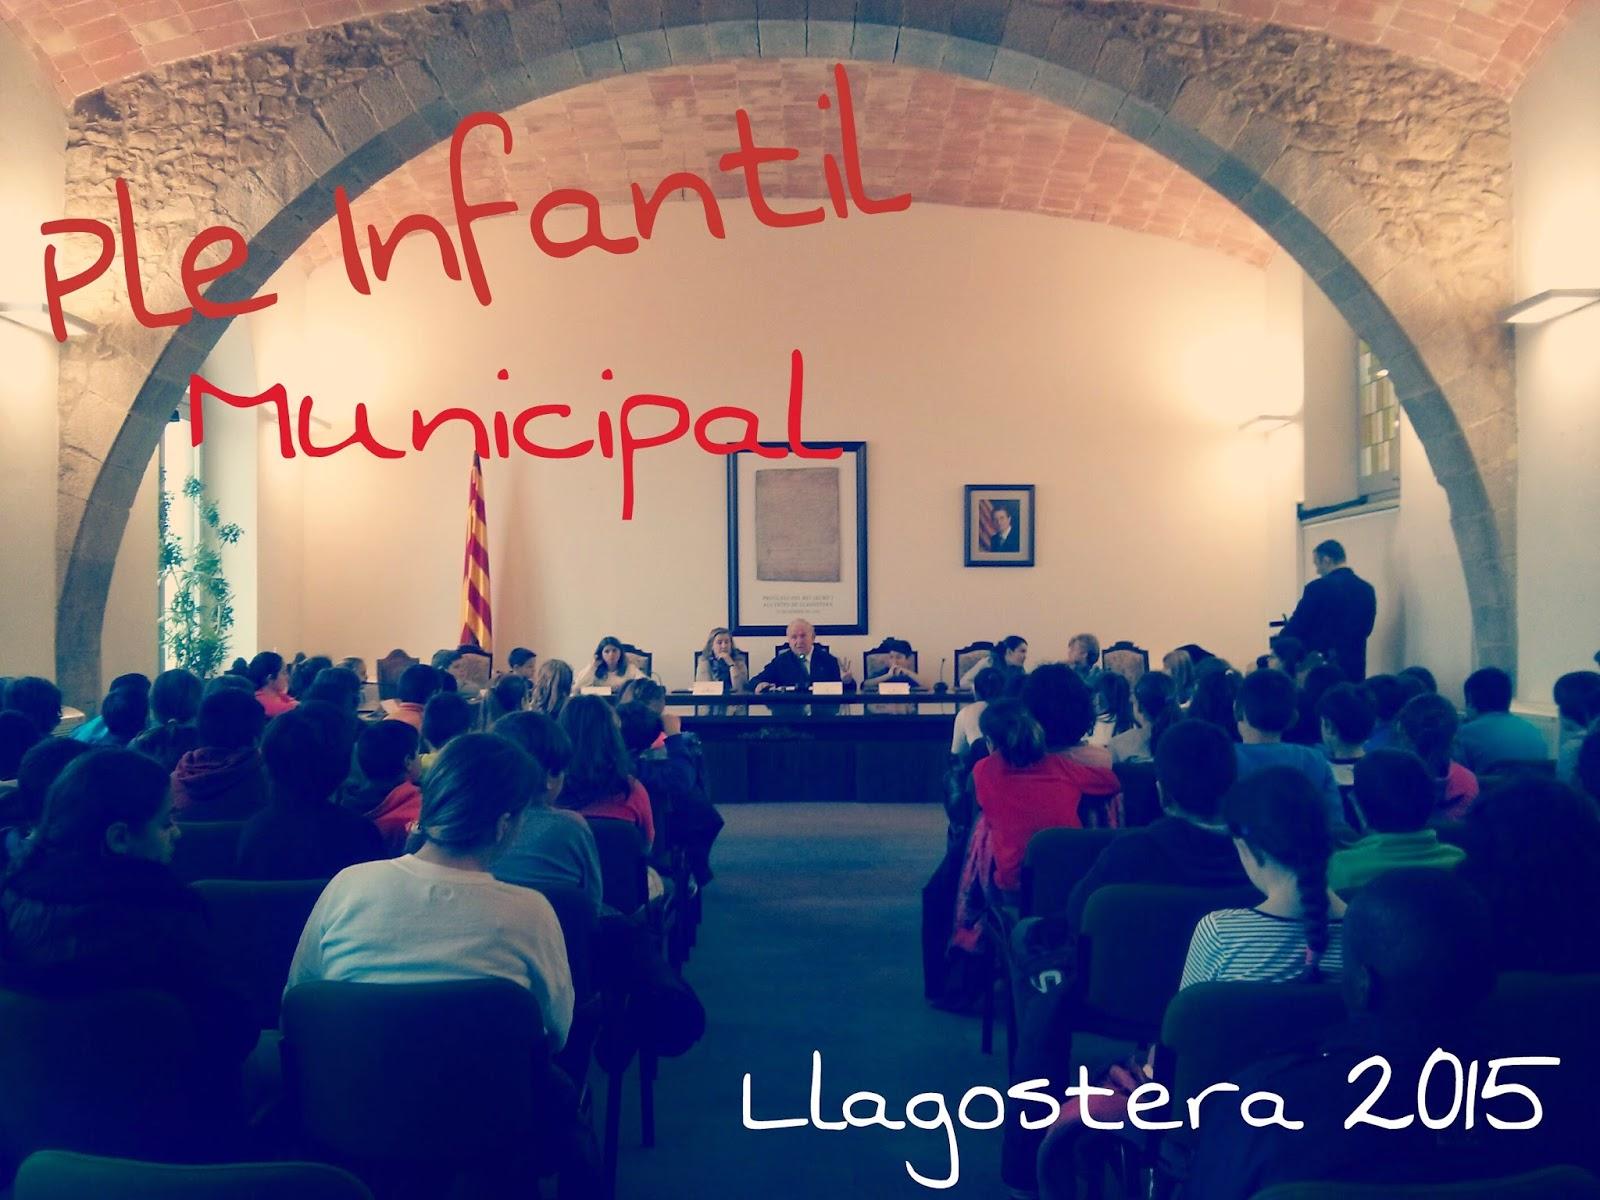 http://blocs.xtec.cat/cslacustaria/2015/03/25/ple-municipal-infantil-25-de-marc-de-2015/